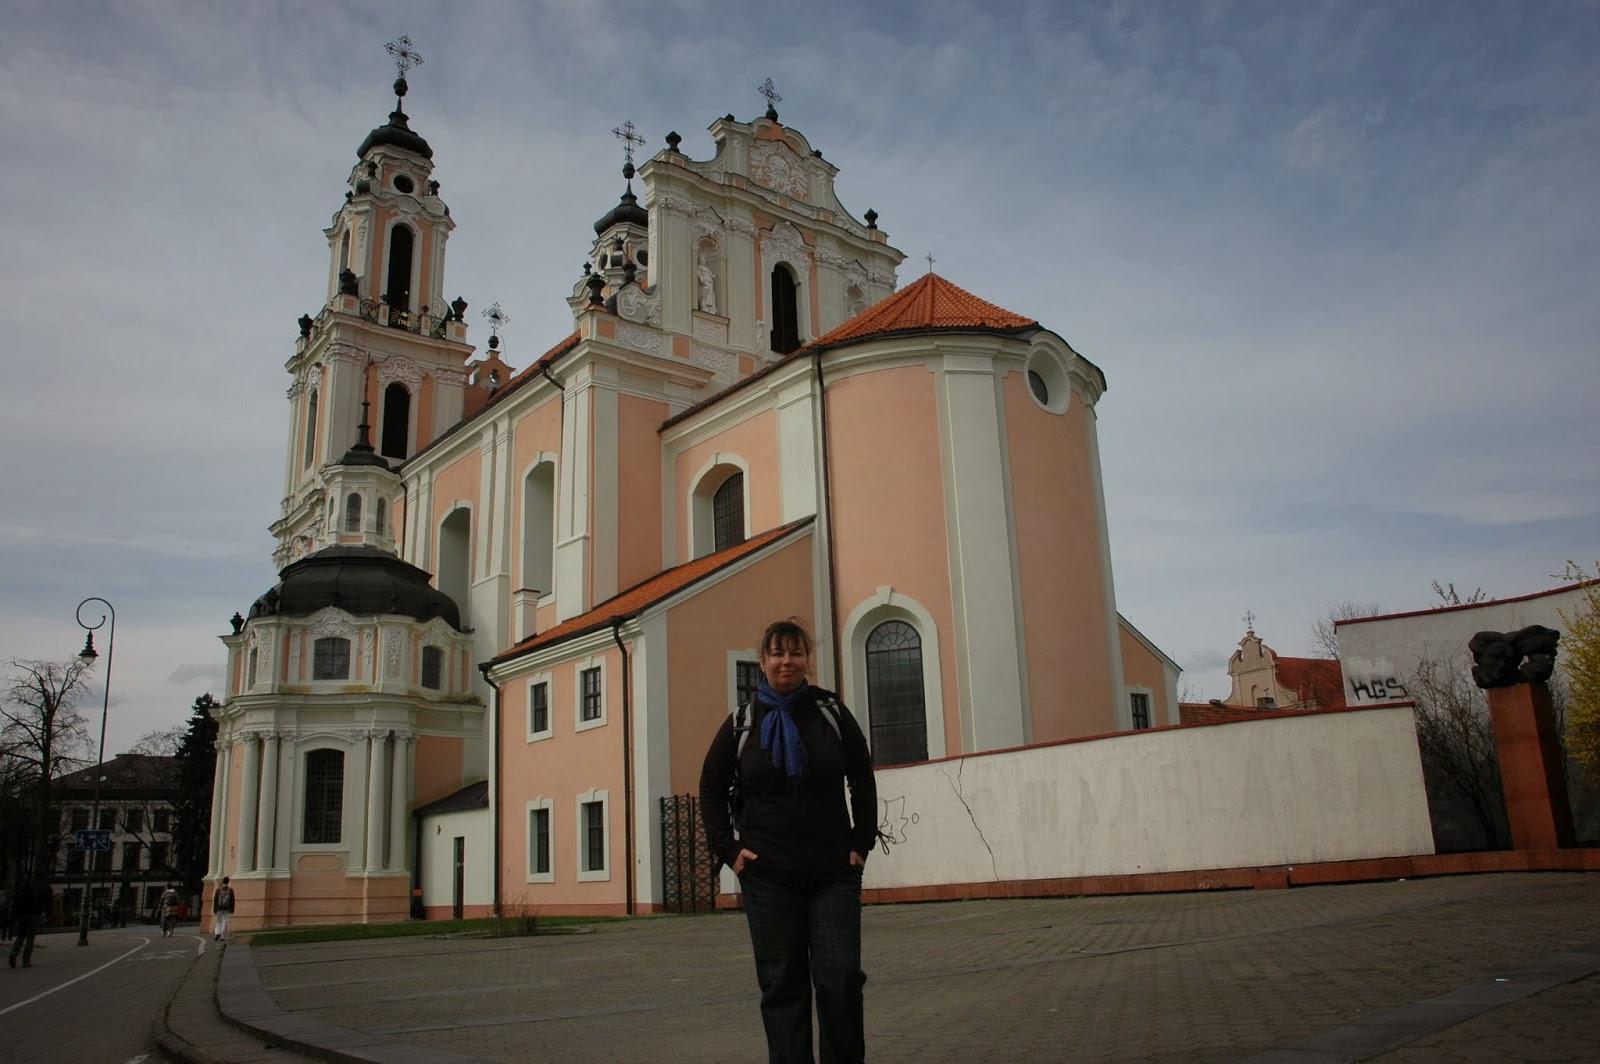 kościół św. Katarzyny w Wilnie